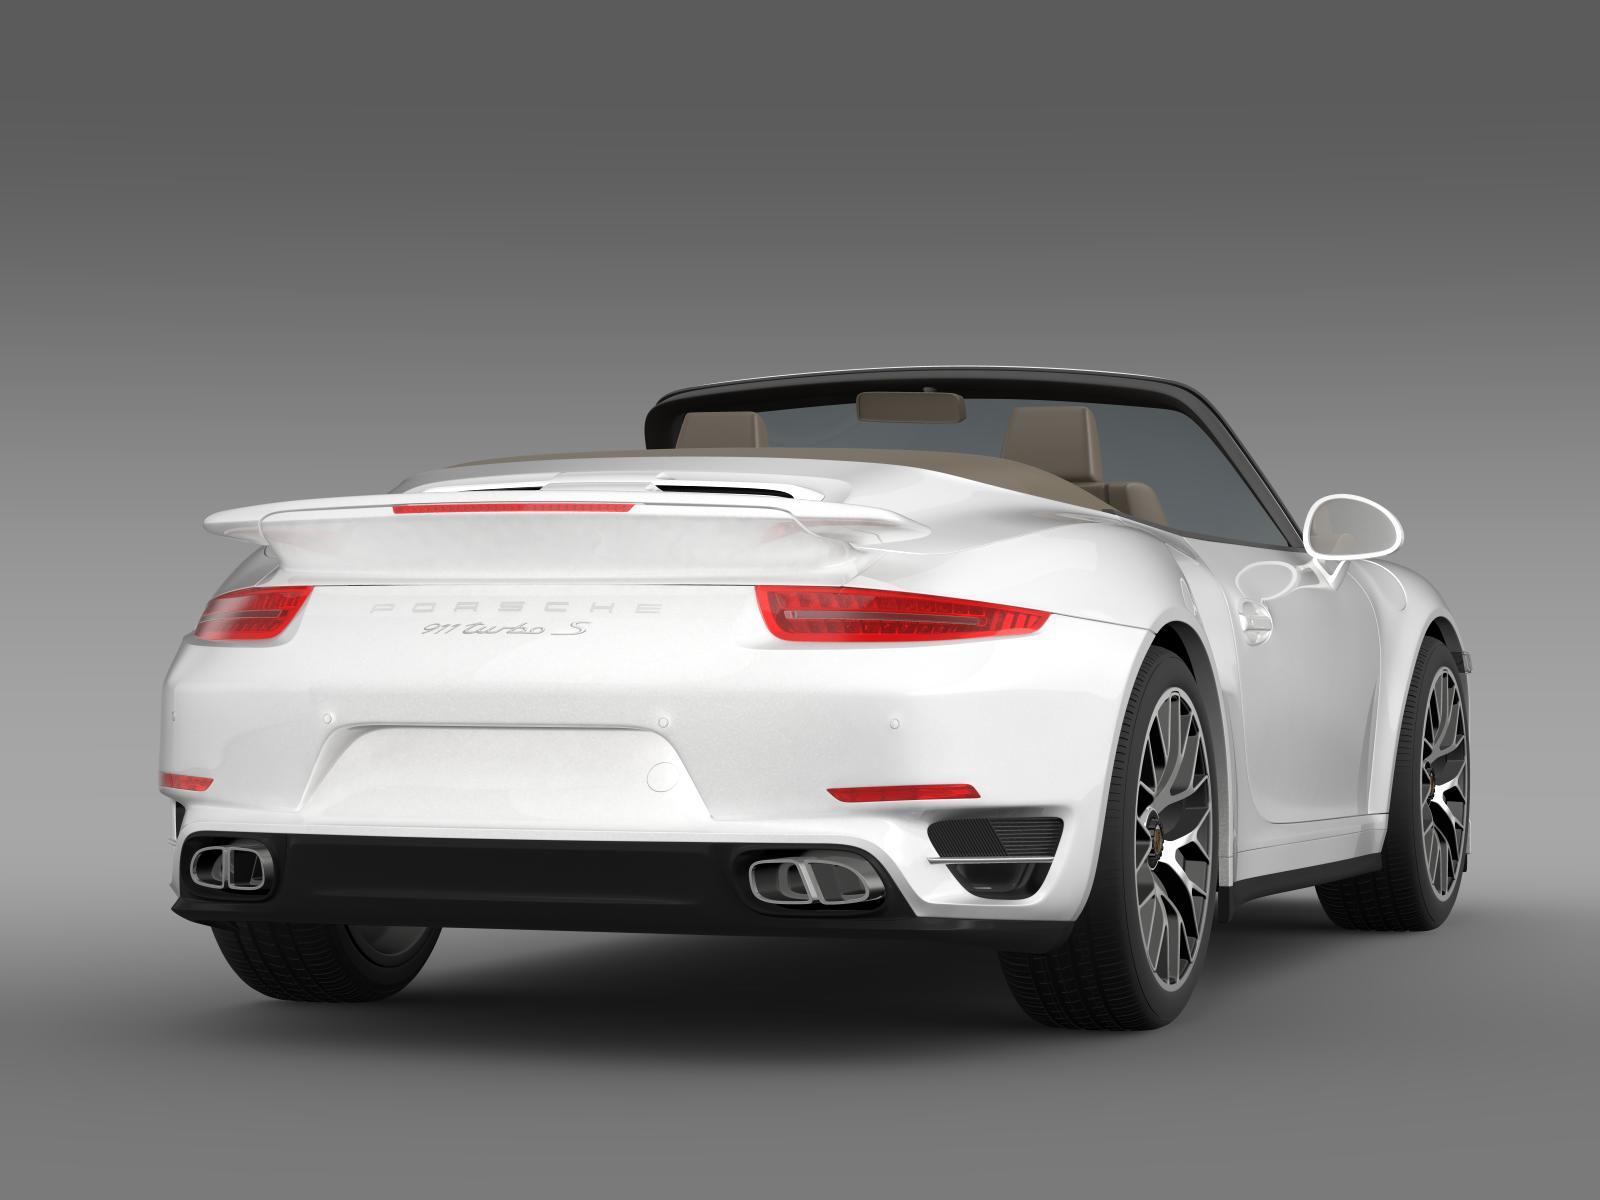 porsche 911 turbo s cabrio 2014 3d model buy porsche 911 turbo s cabrio 2014 3d model. Black Bedroom Furniture Sets. Home Design Ideas